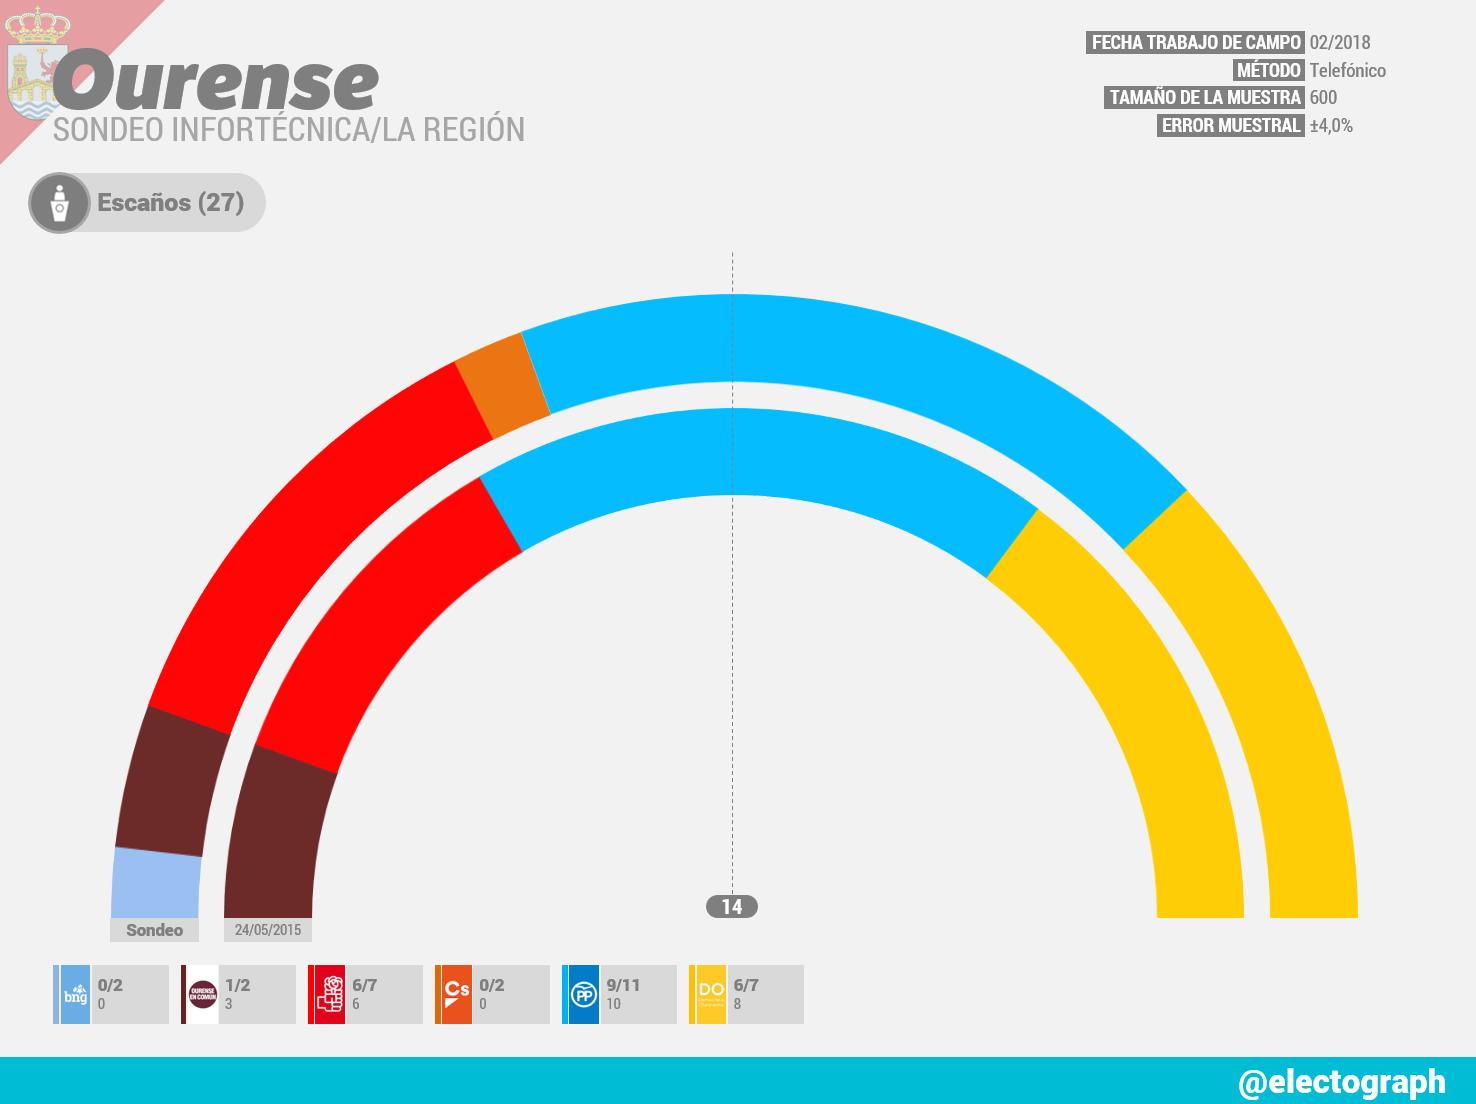 Gráfico de la encuesta para elecciones municipales en Ourense realizada por Infortécnica para La Región en febrero de 2018